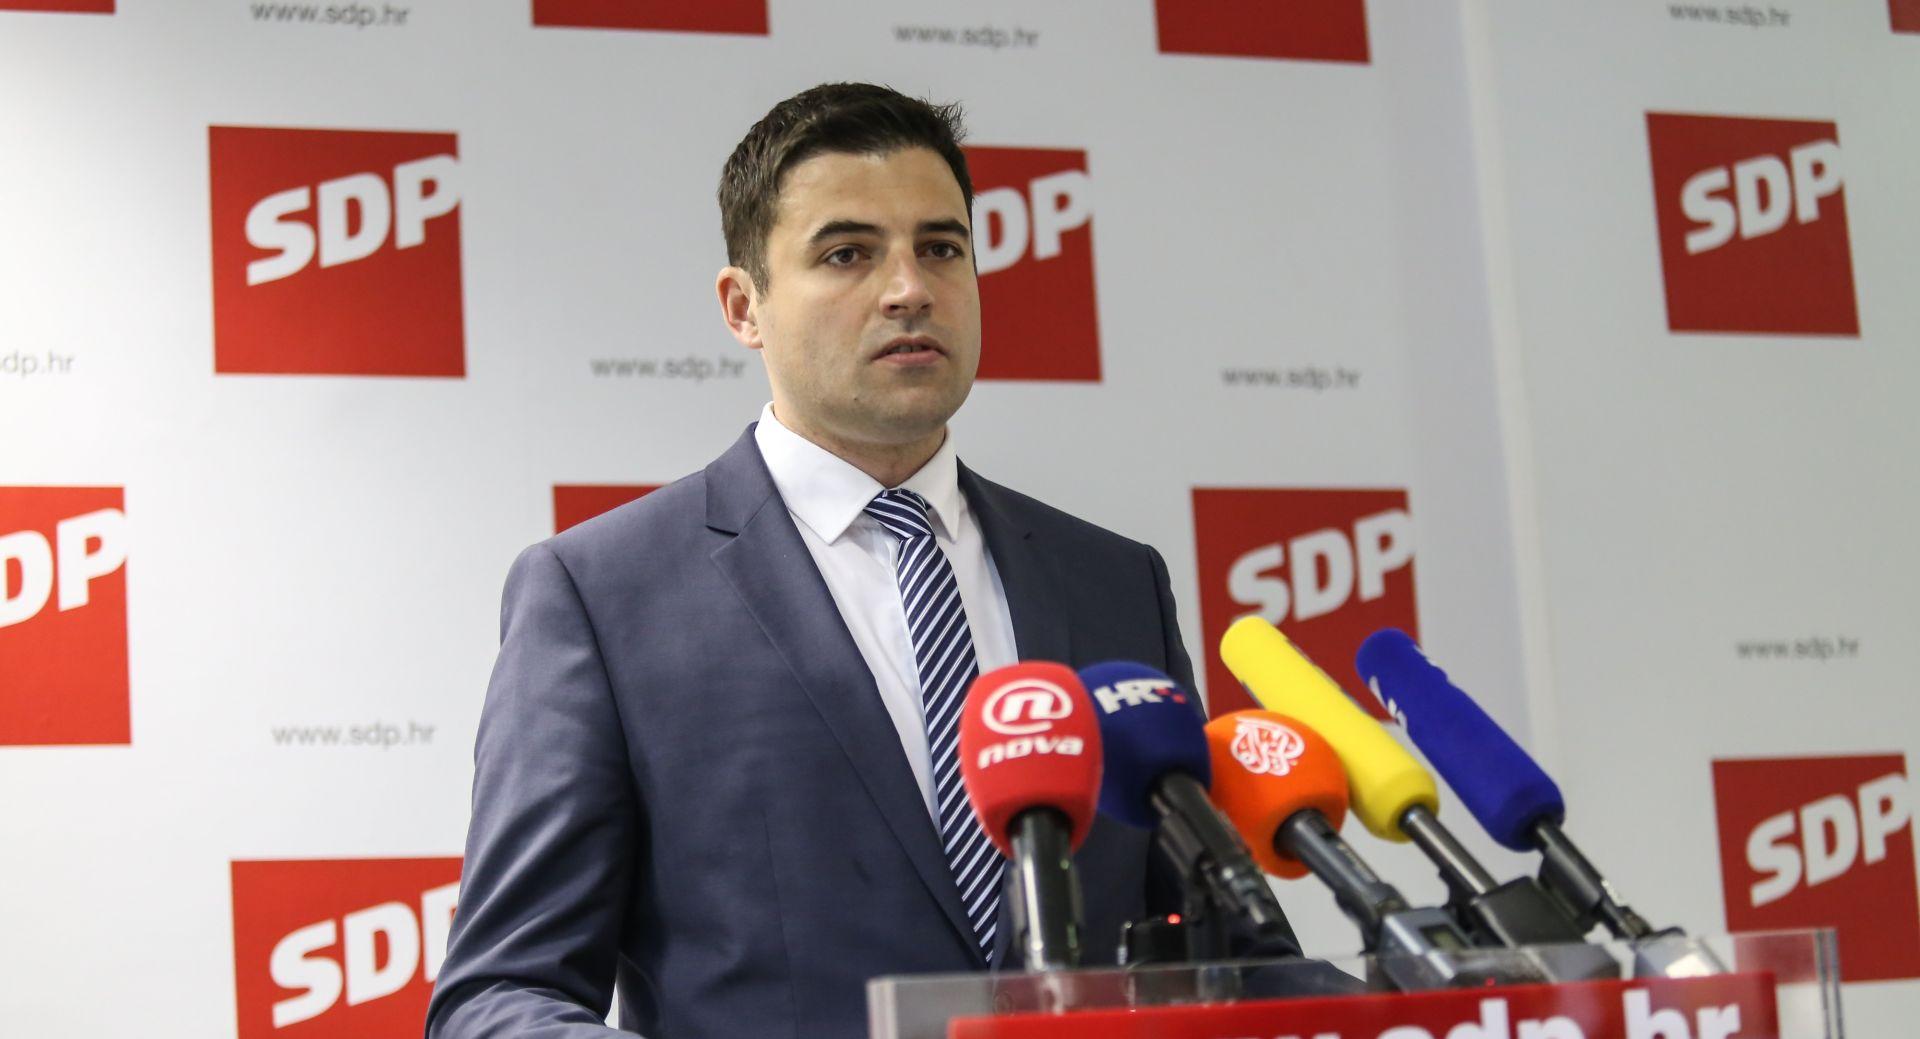 Glavni odbor SDP-a jednoglasno za pokretanje opoziva Martine Dalić